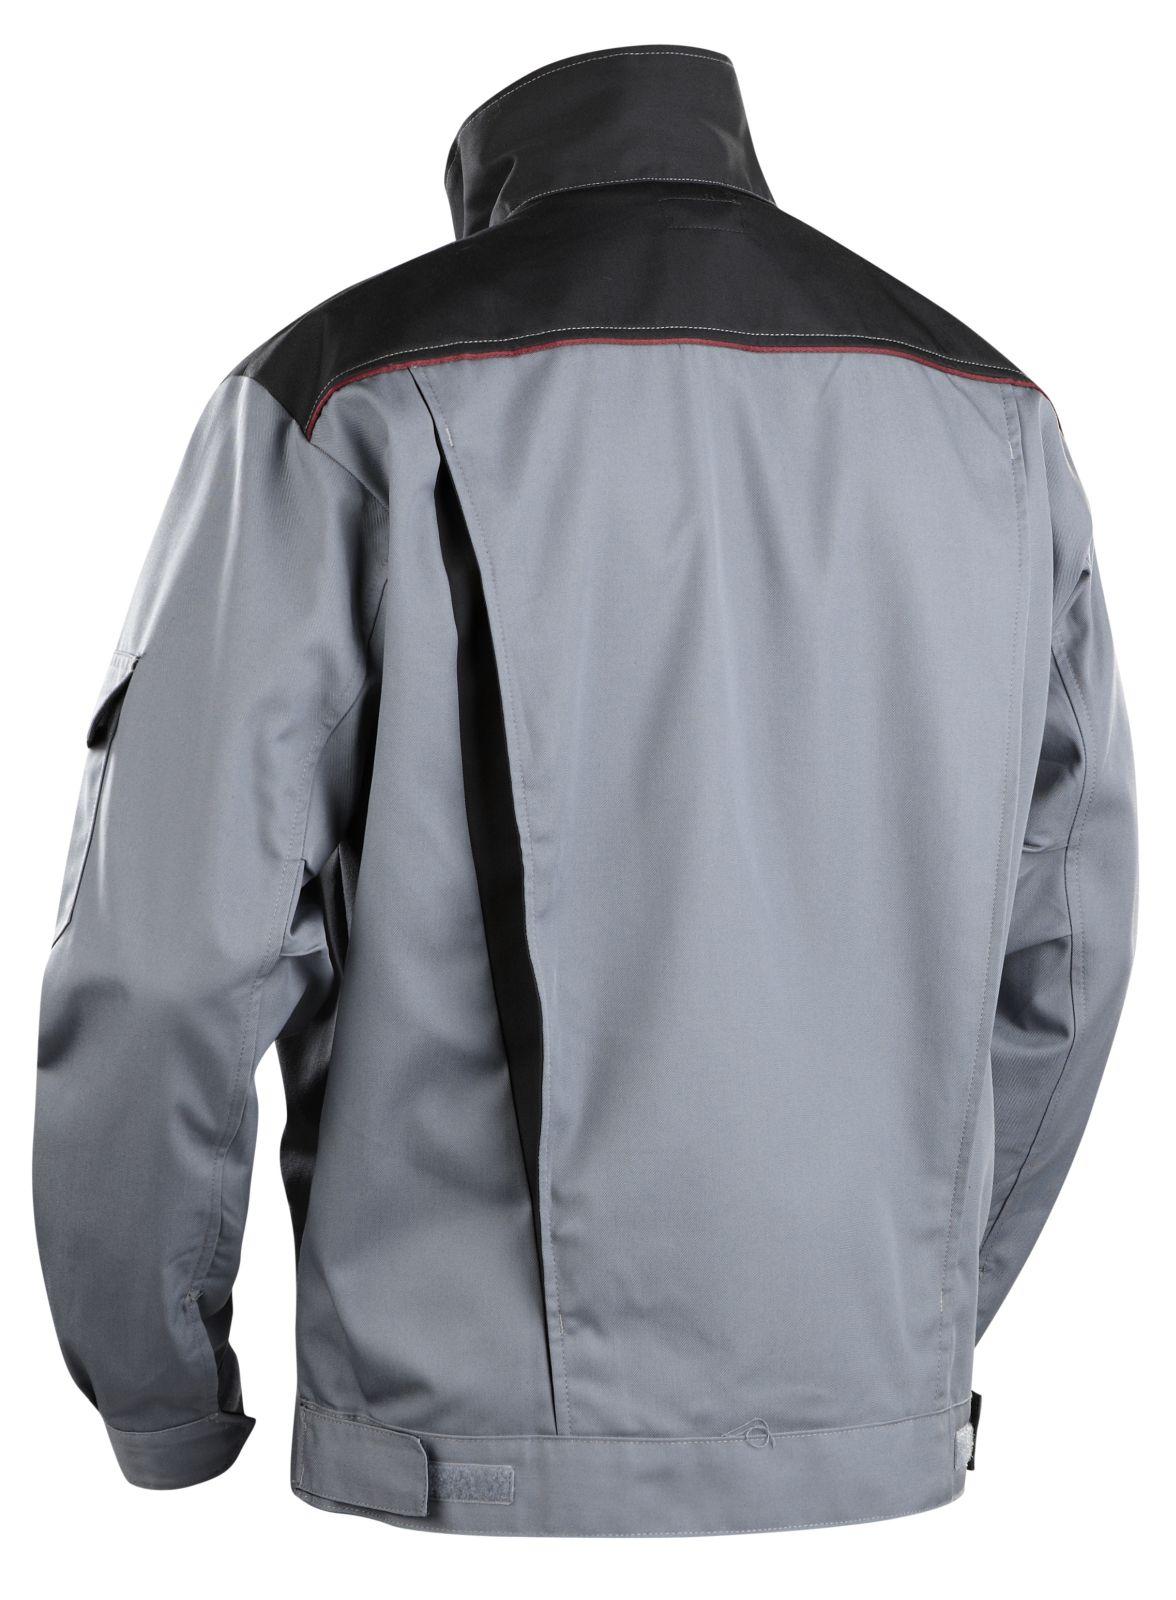 Blaklader Combi-jacks 40551800 grijs-zwart(9499)